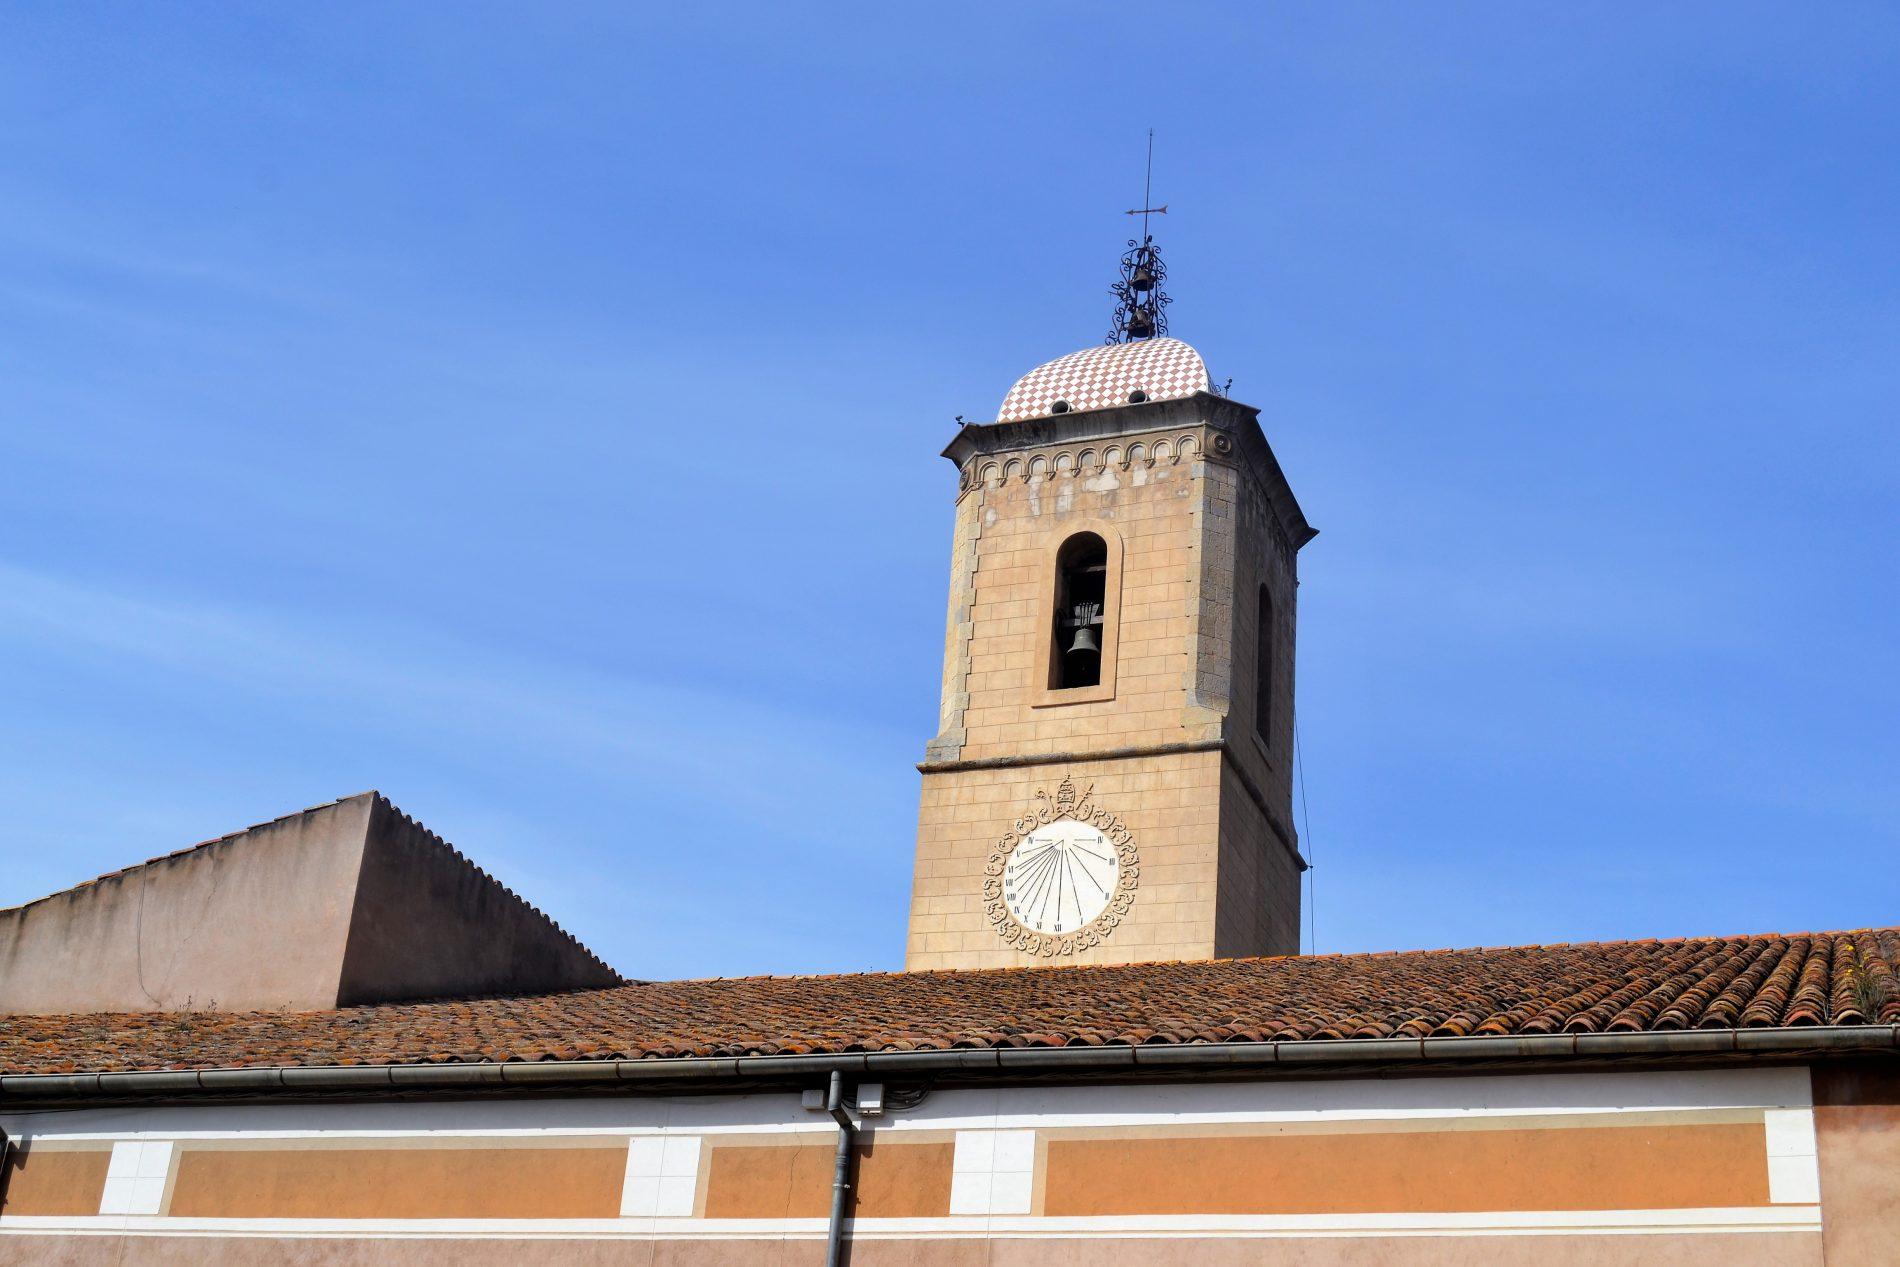 rellotge de sol a la plaça del monestir d'Amer